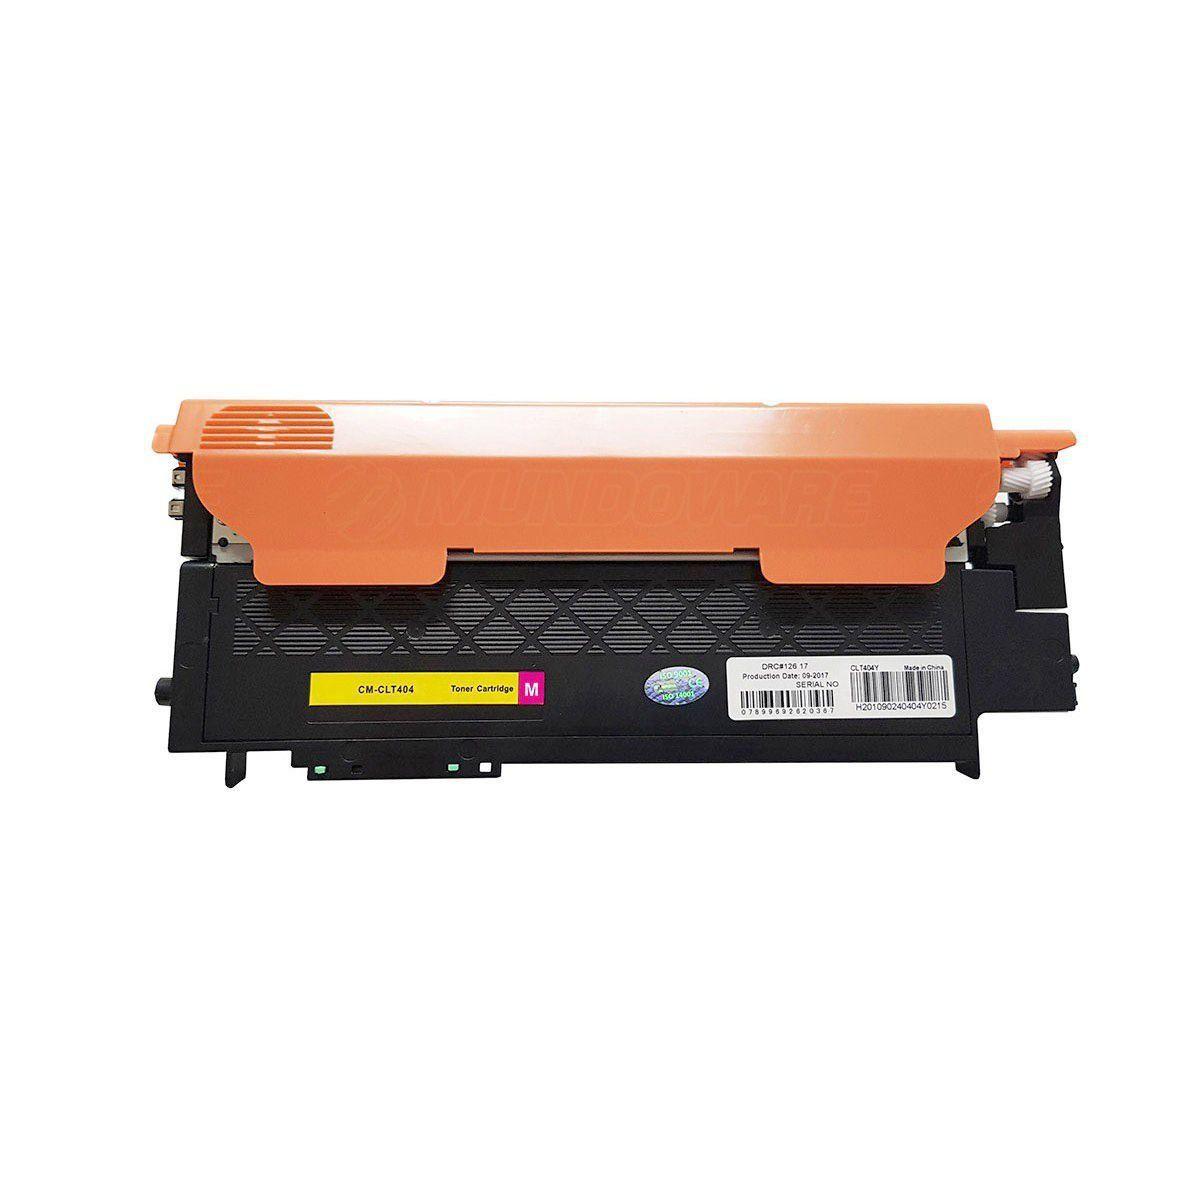 Compatível: Toner CLT-M404 404S para impressora Samsung SL-C480fw C480fn C480w C480 C430w C430 / Magenta / 1.000